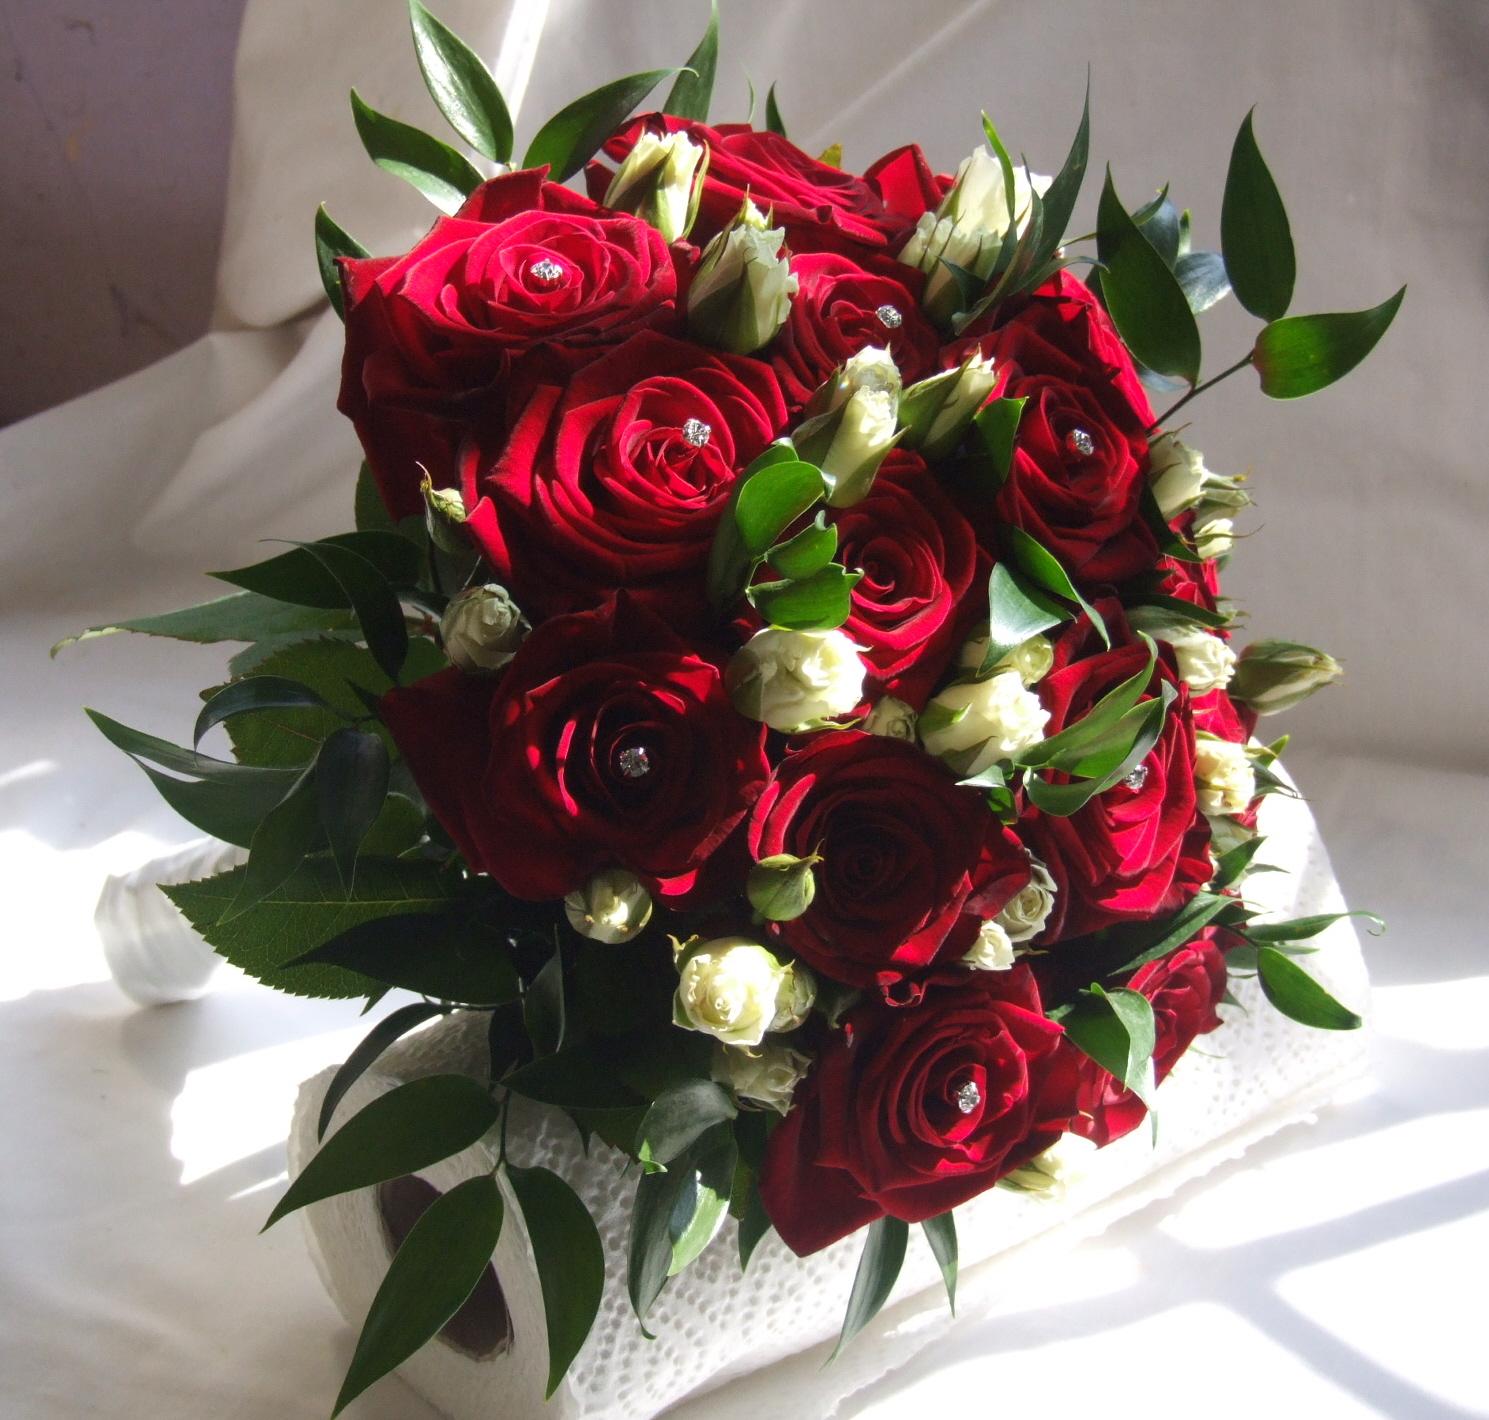 Gaeroladid 100 Rose Bouquet Tumblr Images